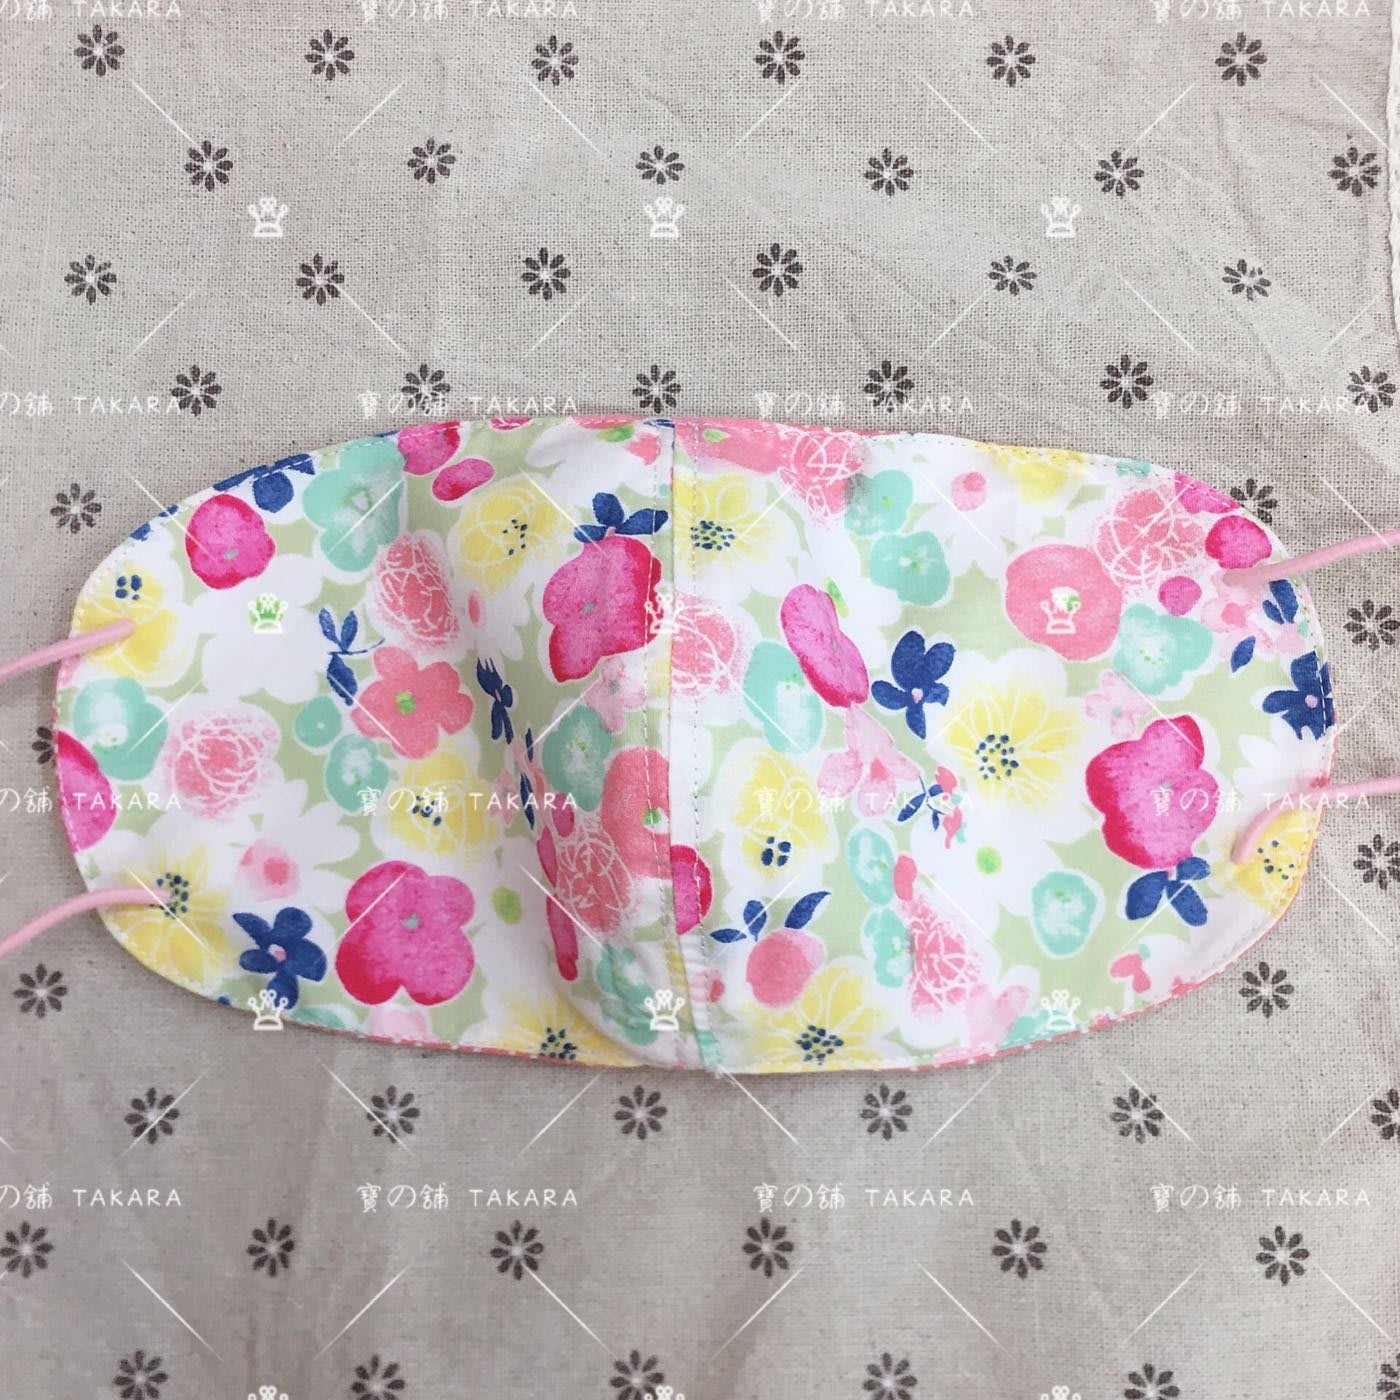 現貨 日本面料 純棉手工 口罩 立體感 1號 夏天薄透布 水彩花卉